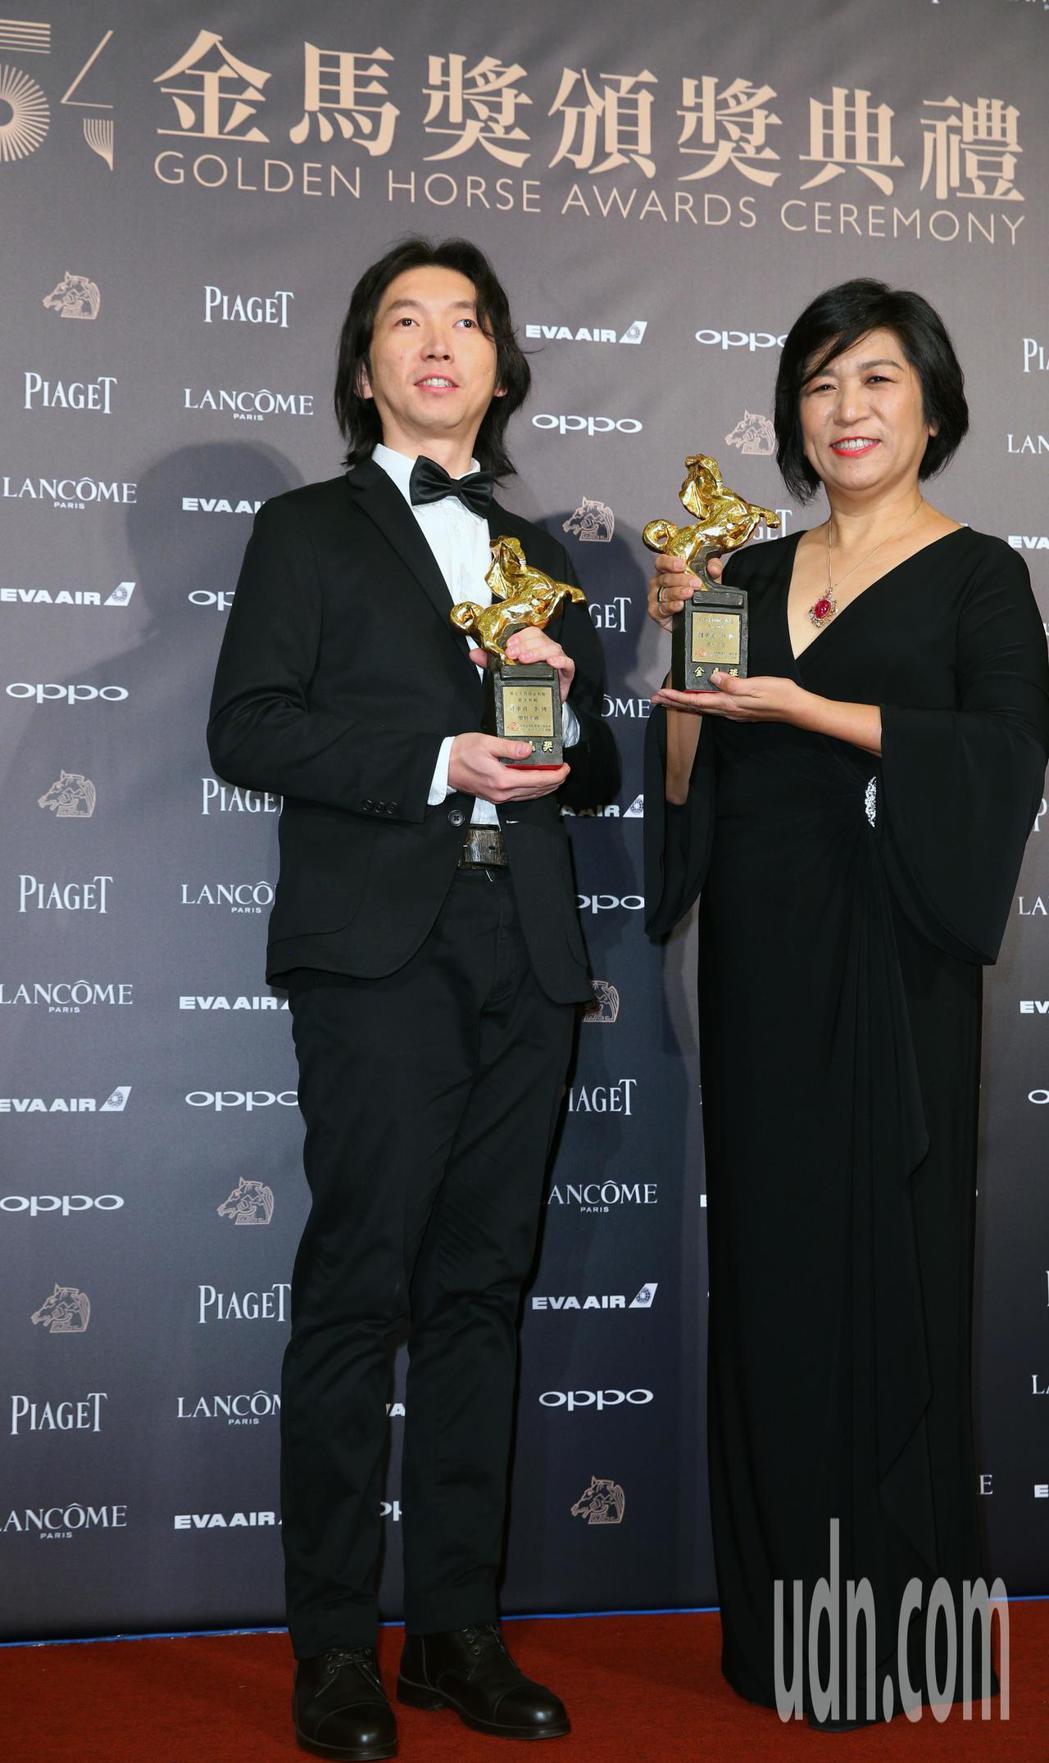 第54屆金馬獎頒獎,最佳剪輯獎由錢孝貞(右)、李博(左)獲得。記者陳正興/攝影